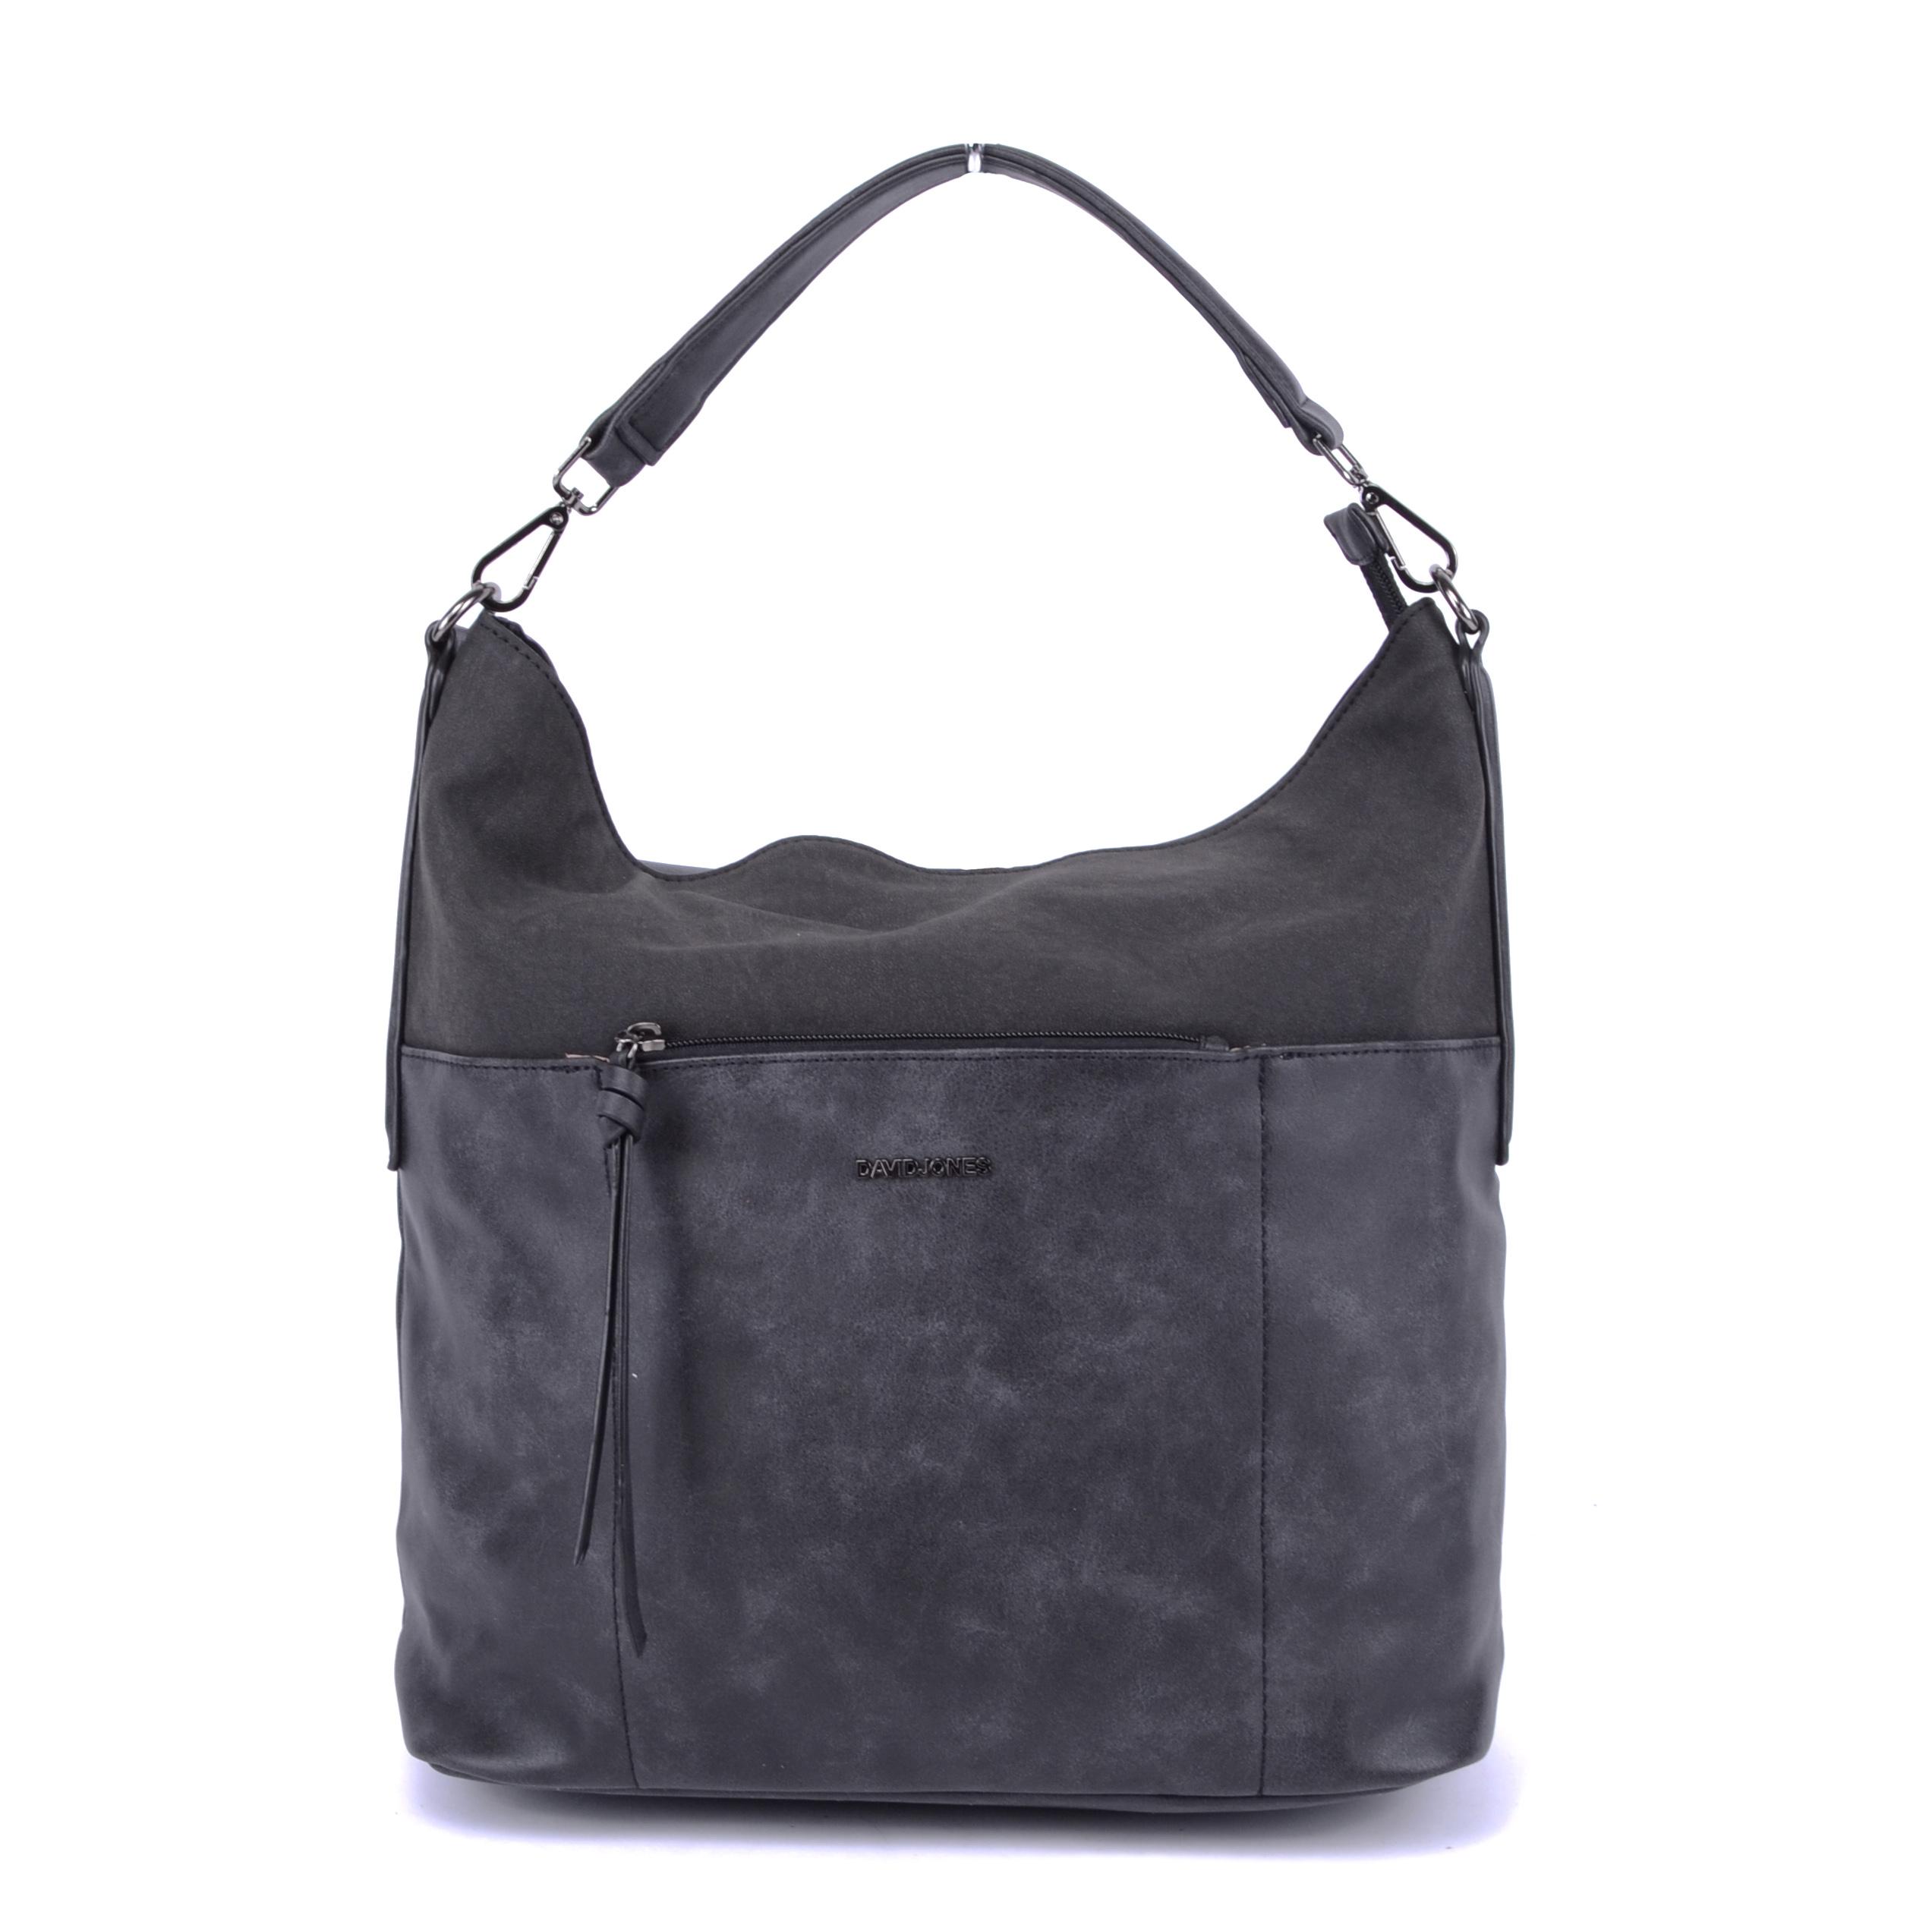 David Jones Fekete Színű Női Műbőr Válltáska - Válltáskák - Táska webáruház  - Minőségi táskák mindenkinek 6f697dc75c